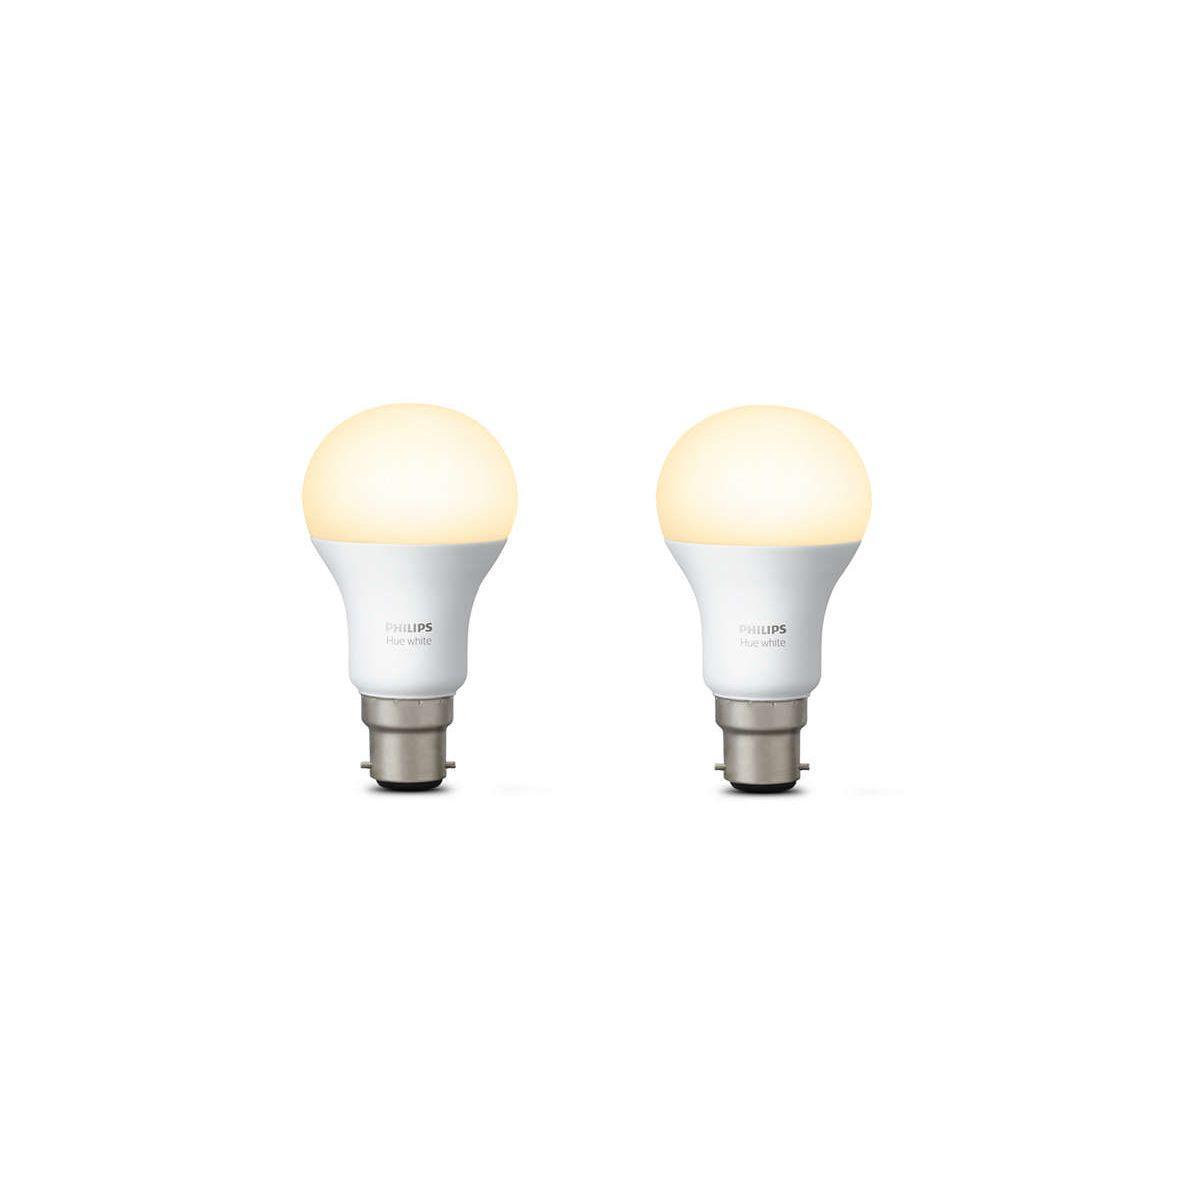 Ampoule connectable philips pack x2 b22 hue white - 2% de remise imm�diate avec le code : school2 (photo)